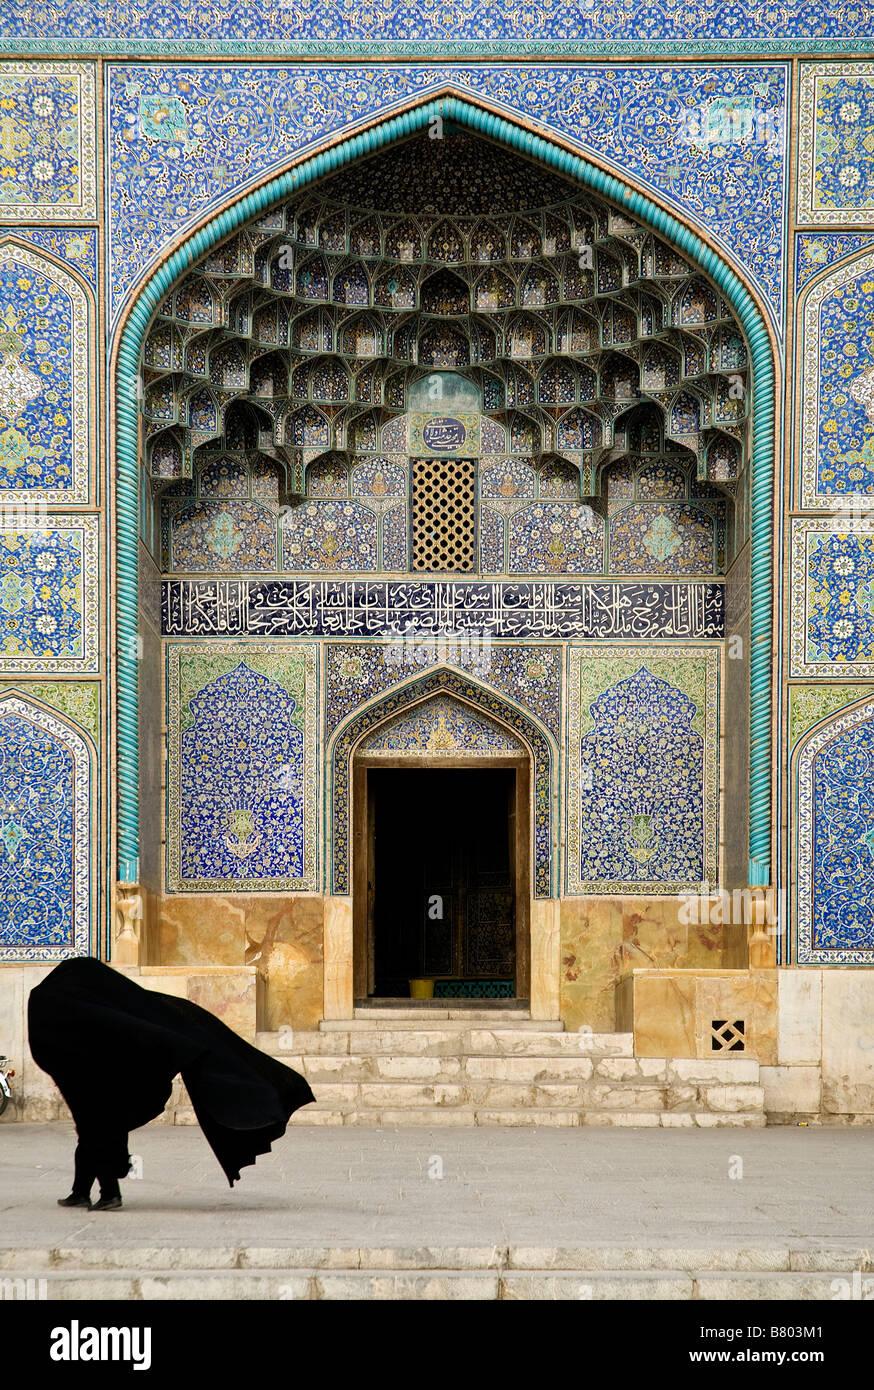 La puerta de la mezquita en Isfahán isfahán irán Imagen De Stock